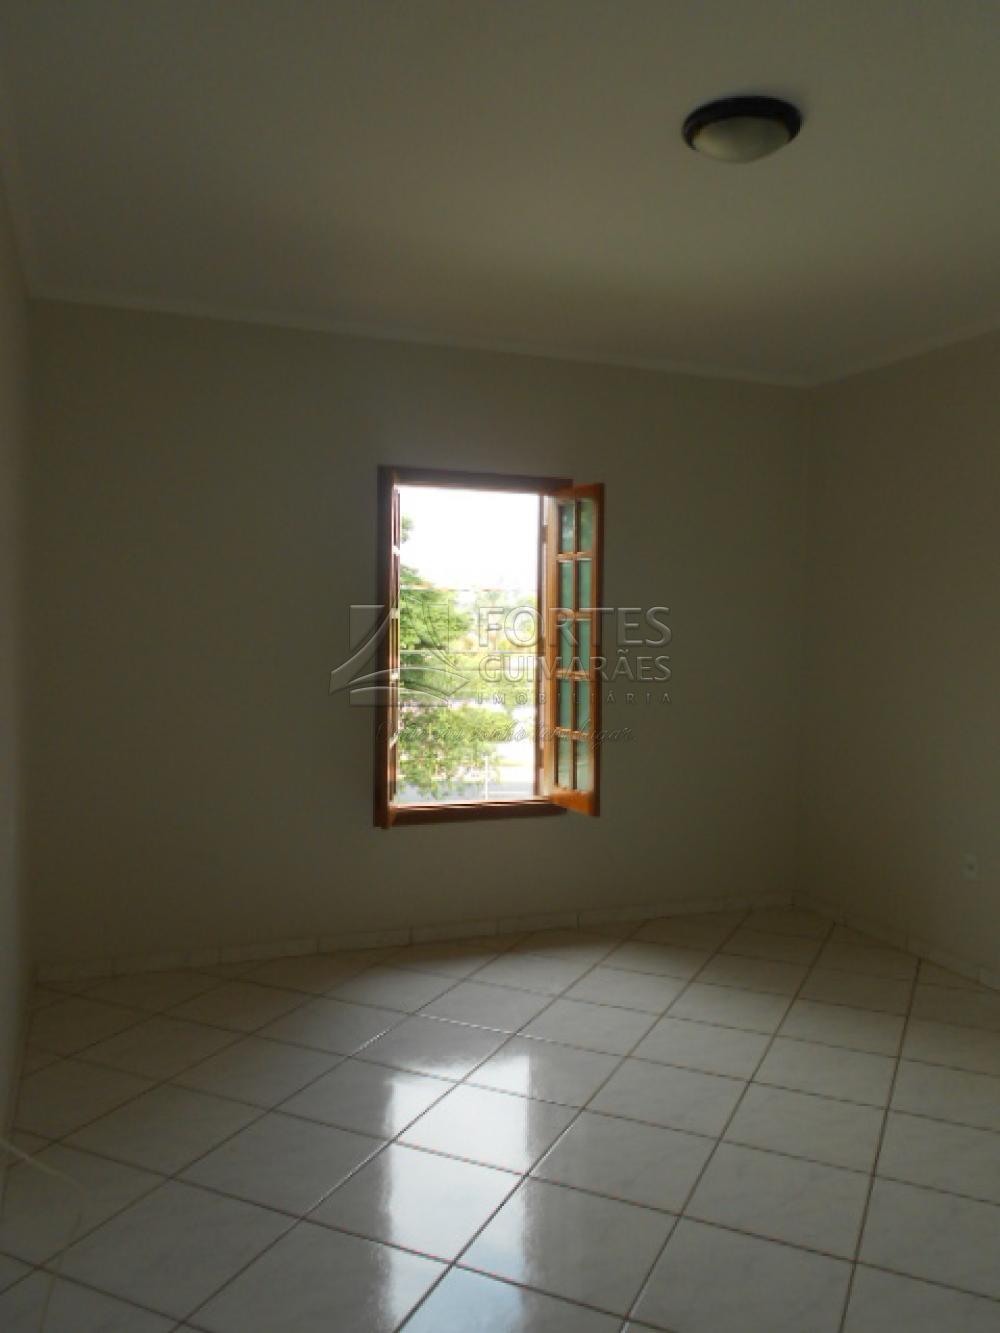 Alugar Casas / Padrão em Ribeirão Preto apenas R$ 12.000,00 - Foto 23